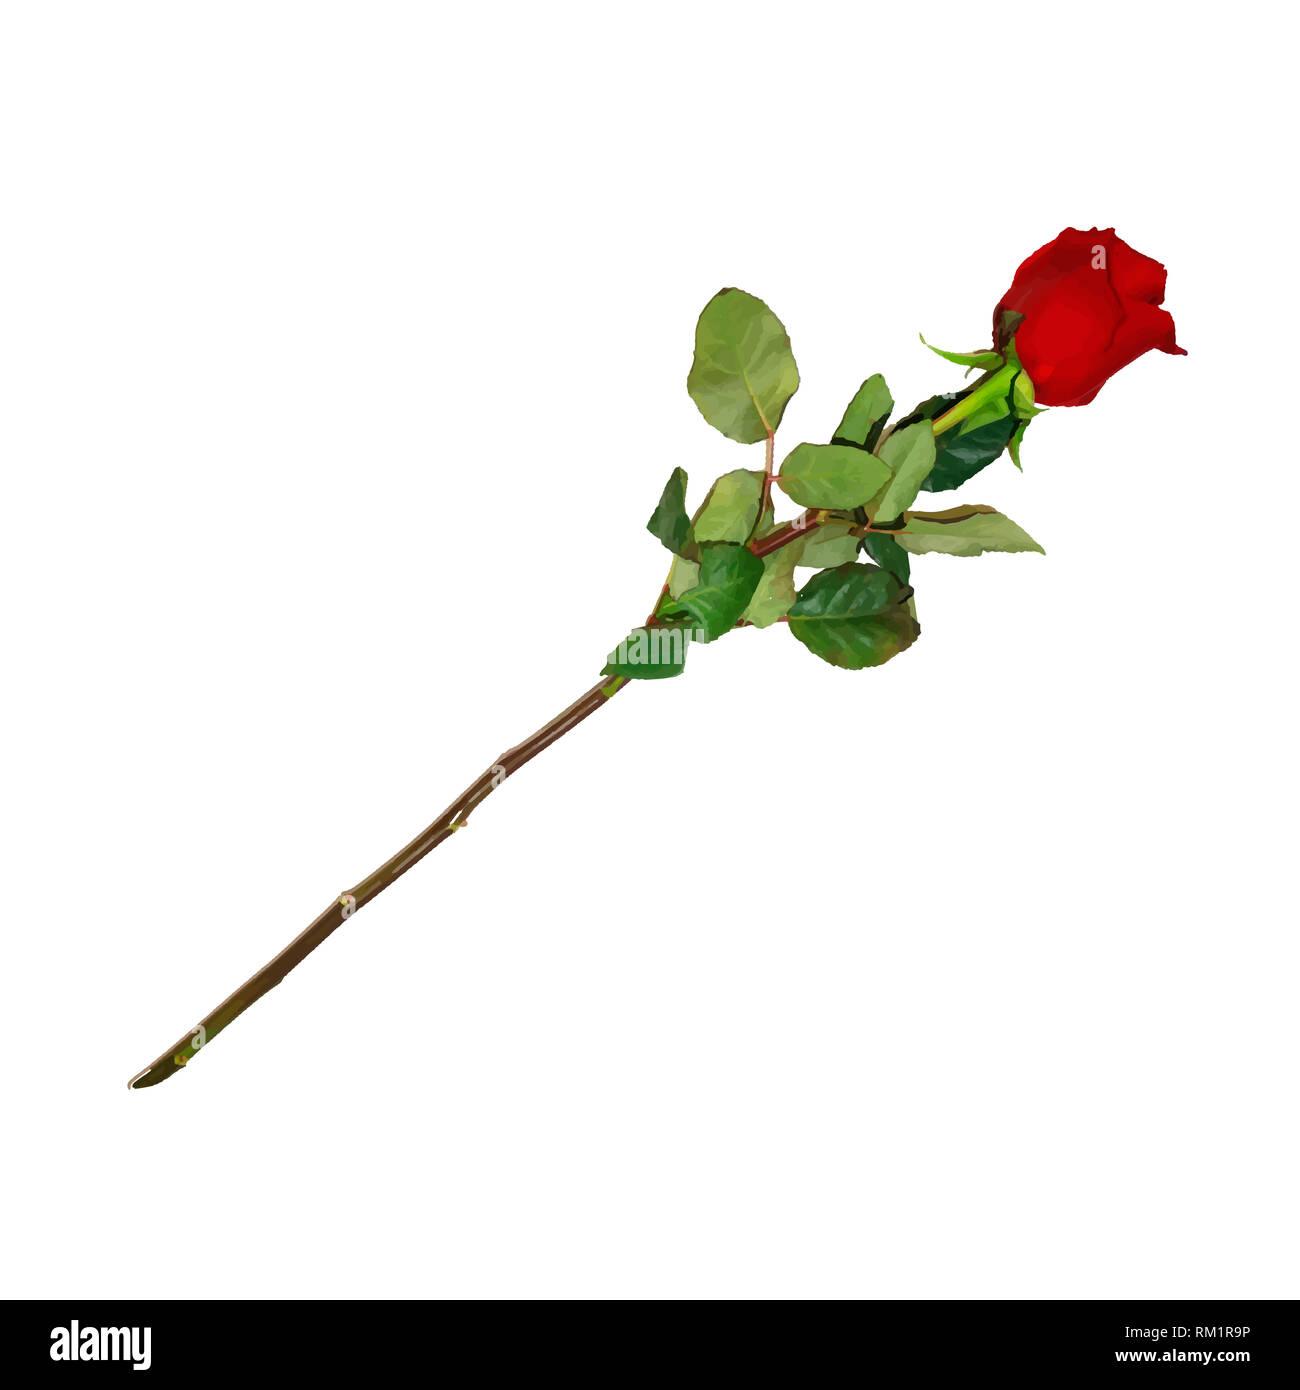 Foto realistisch, sehr detaillierte Blume der Rote Rose auf langem Stiel isoliert auf weißem Hintergrund. Schöne Knospe von Ruby Rose mit Blättern. Clip Art für Va Stockfoto